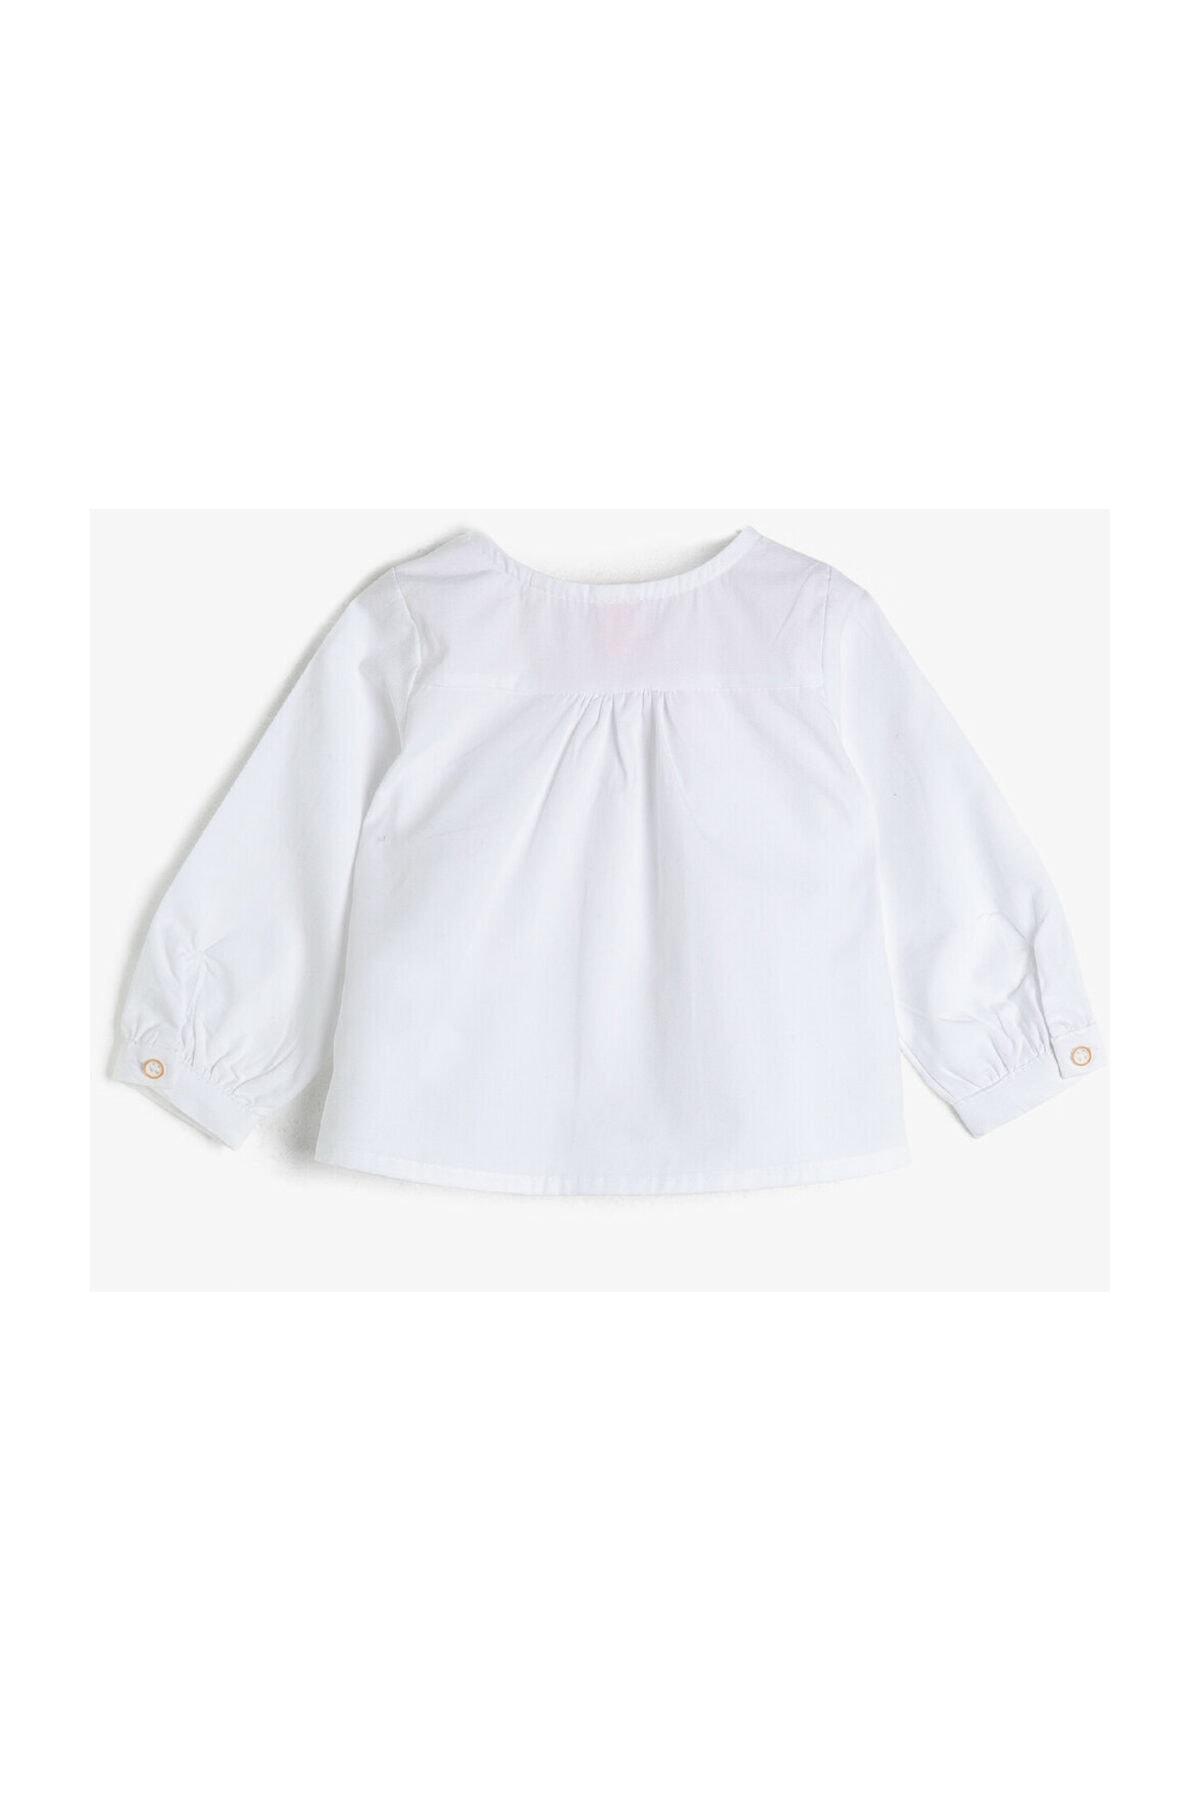 Koton Kids Beyaz Kız Bebek Gömlek 2